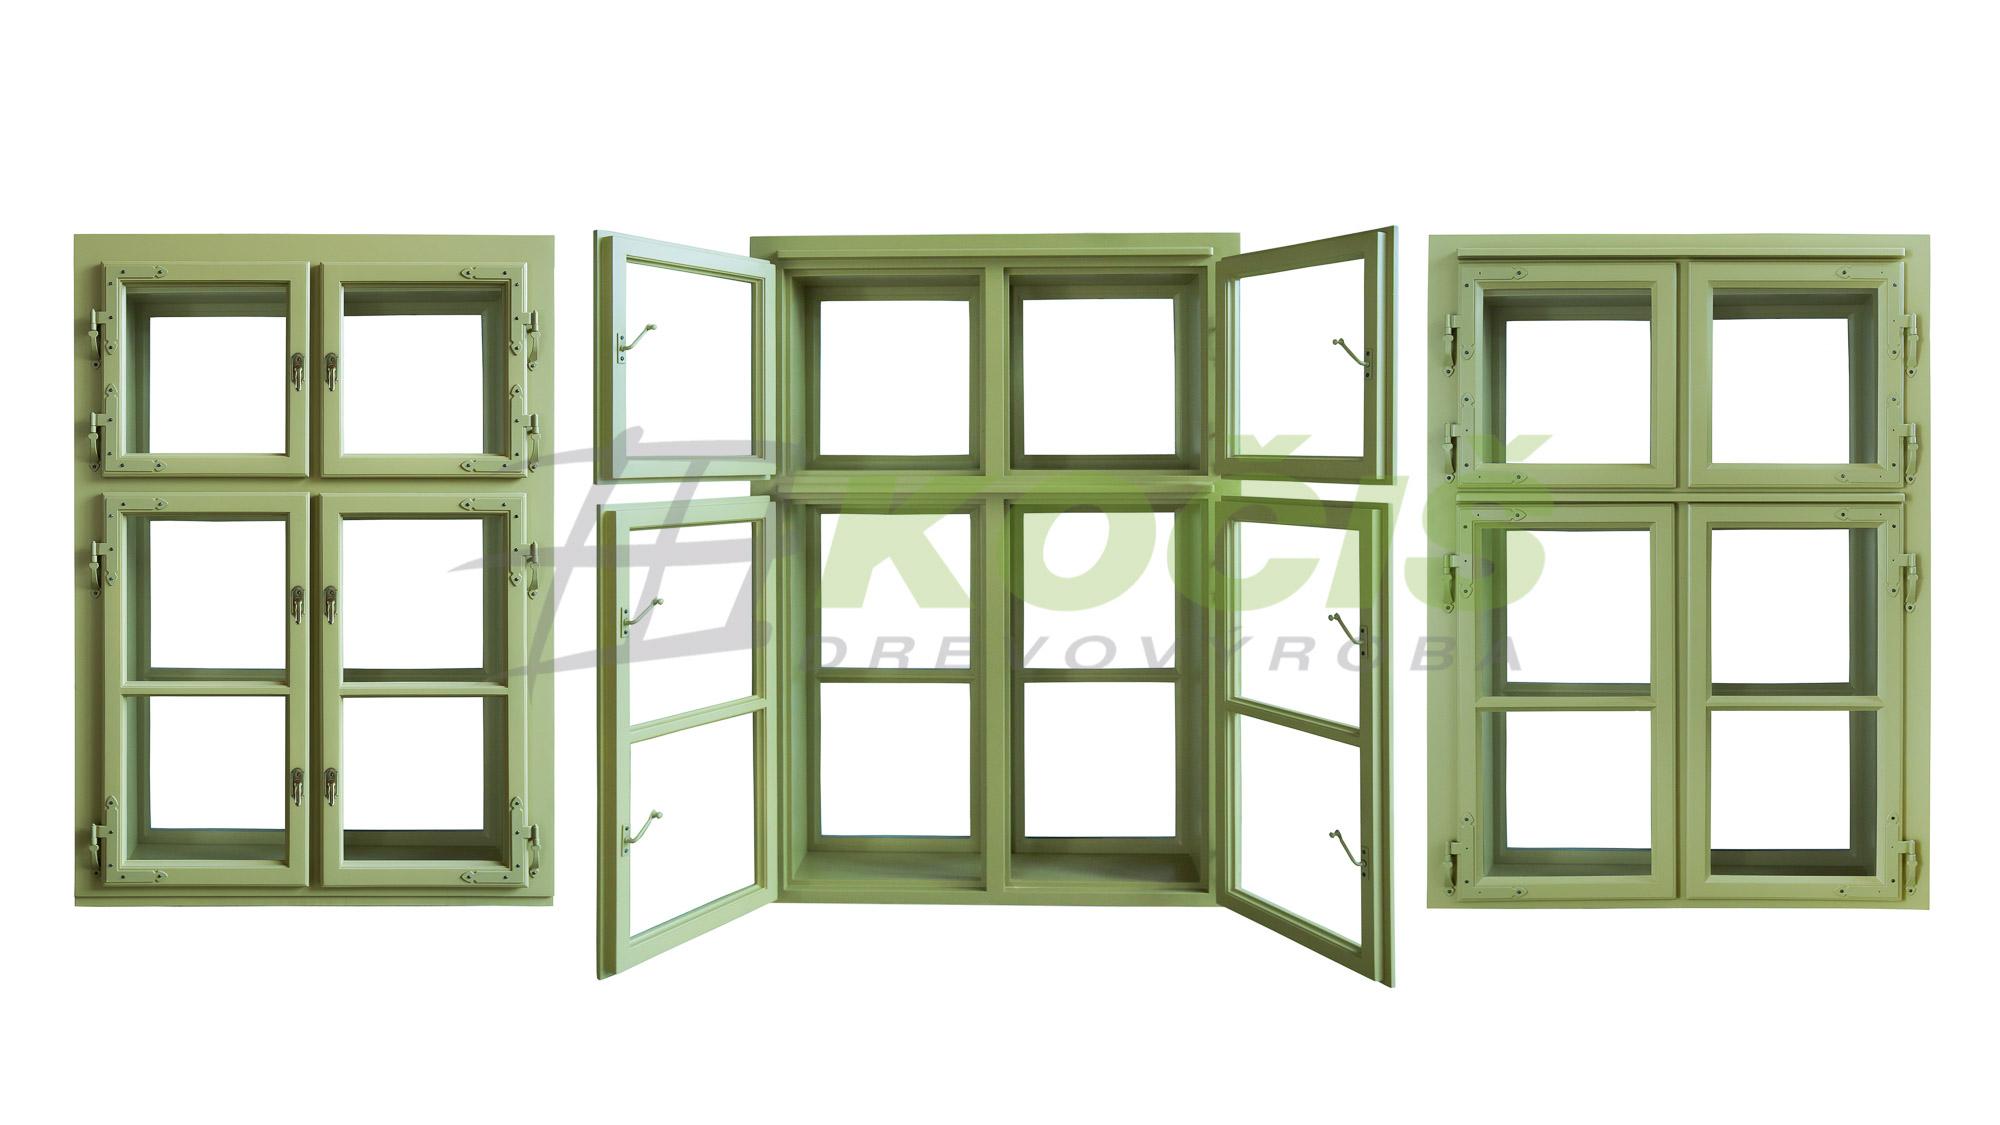 kastlové okná